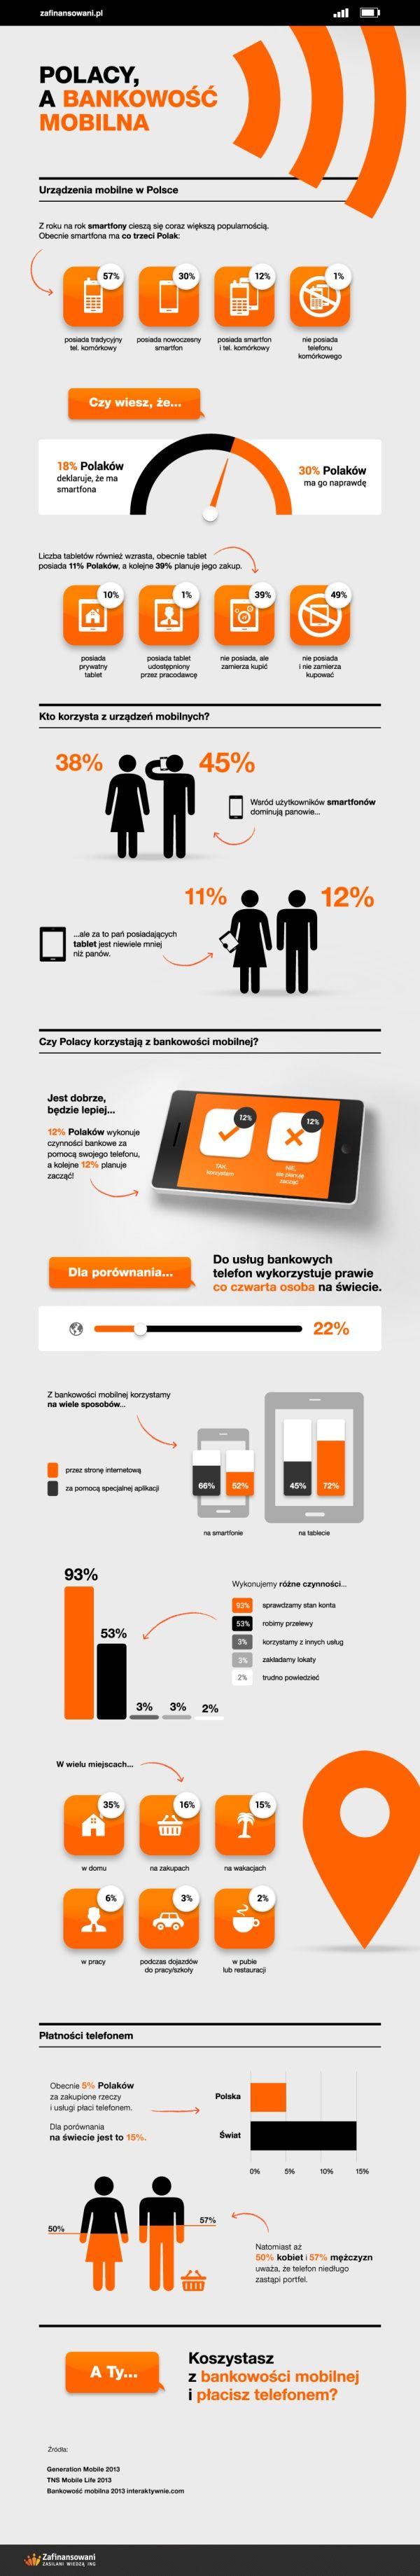 Jak polacy korzystają z bankowości mobilnej - infografika